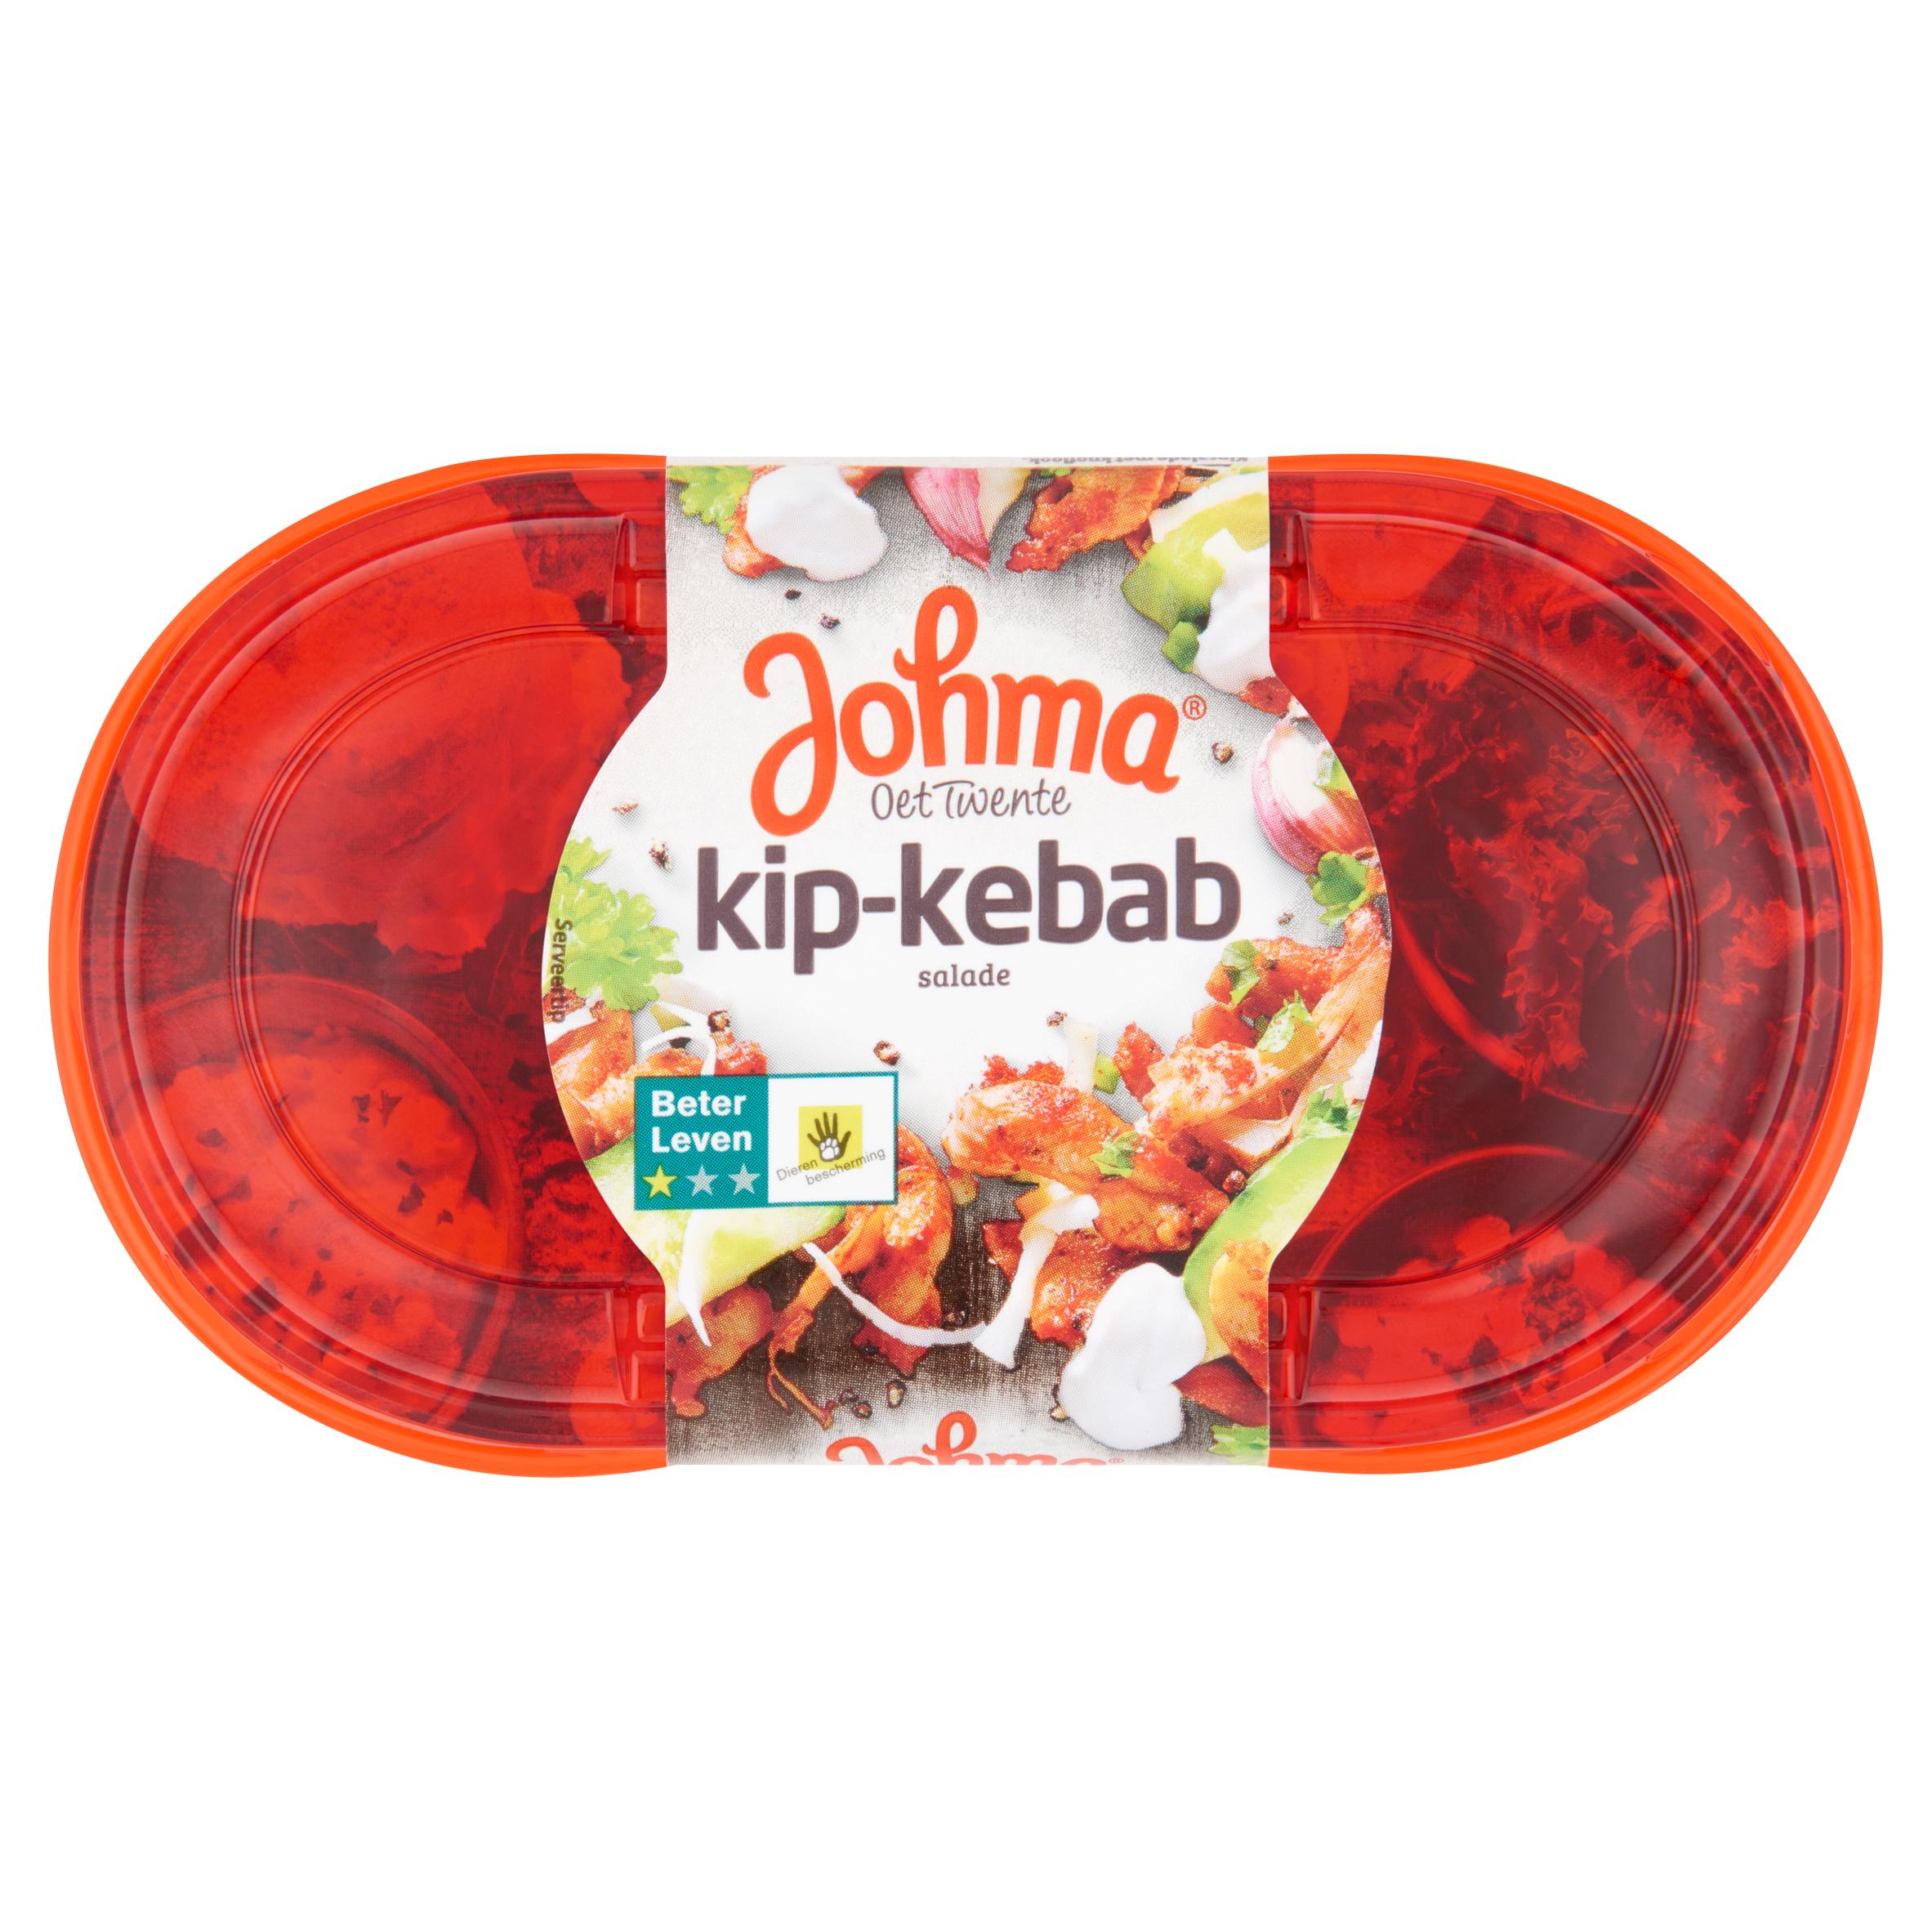 Johma Kip-Kebab Salade 175 g